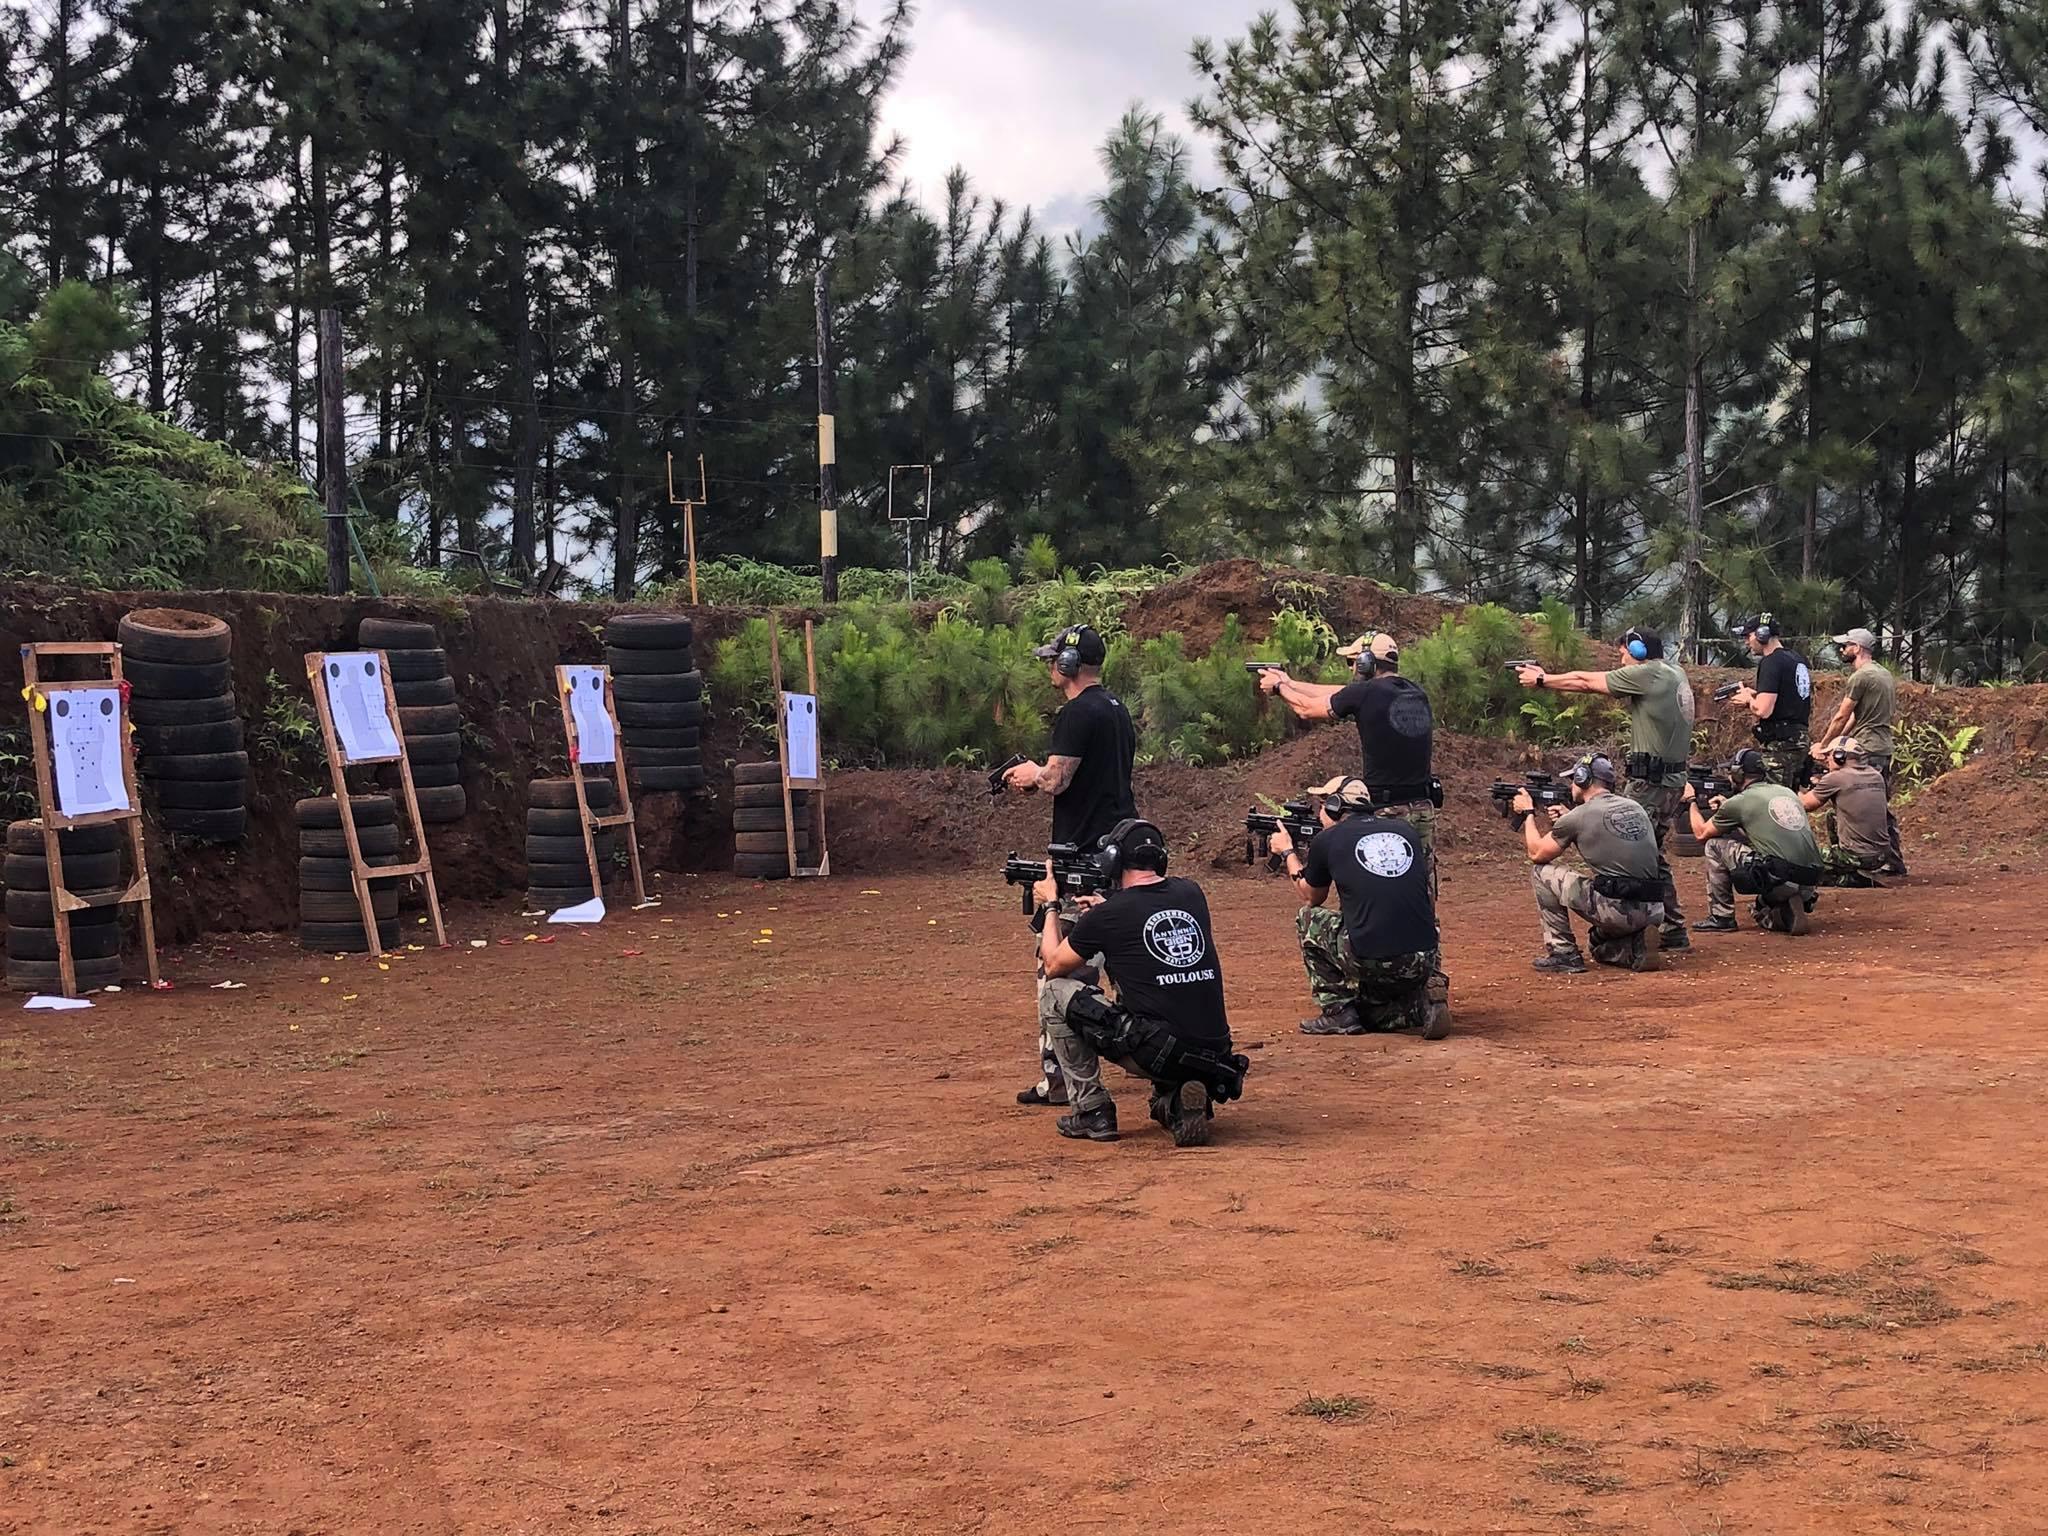 Là où ils s'entraînent, les gendarmes de l'AGIGN bénéficient du calme et de la discrétion nécessaires à la préparation de leurs missions qui se font souvent dans un contexte de tension et de rapidité.